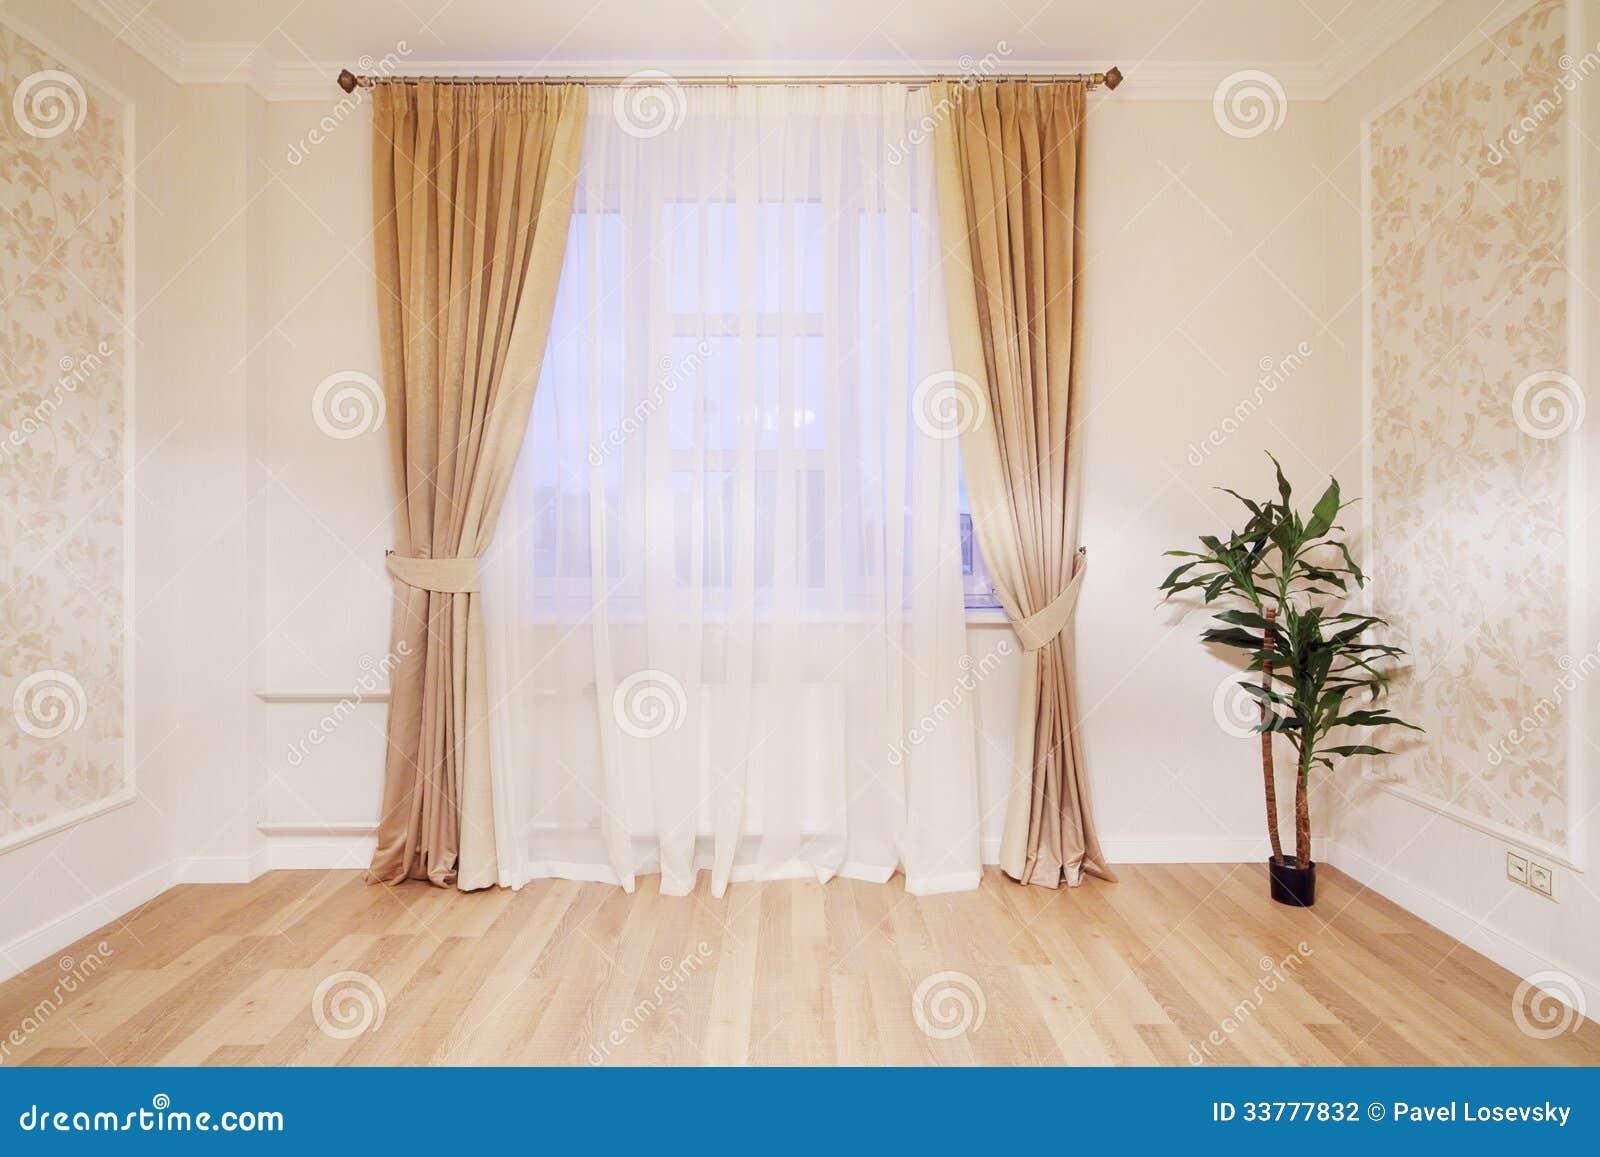 tende beige : Finestra con le tende beige nella stanza semplice con la pianta sul ...